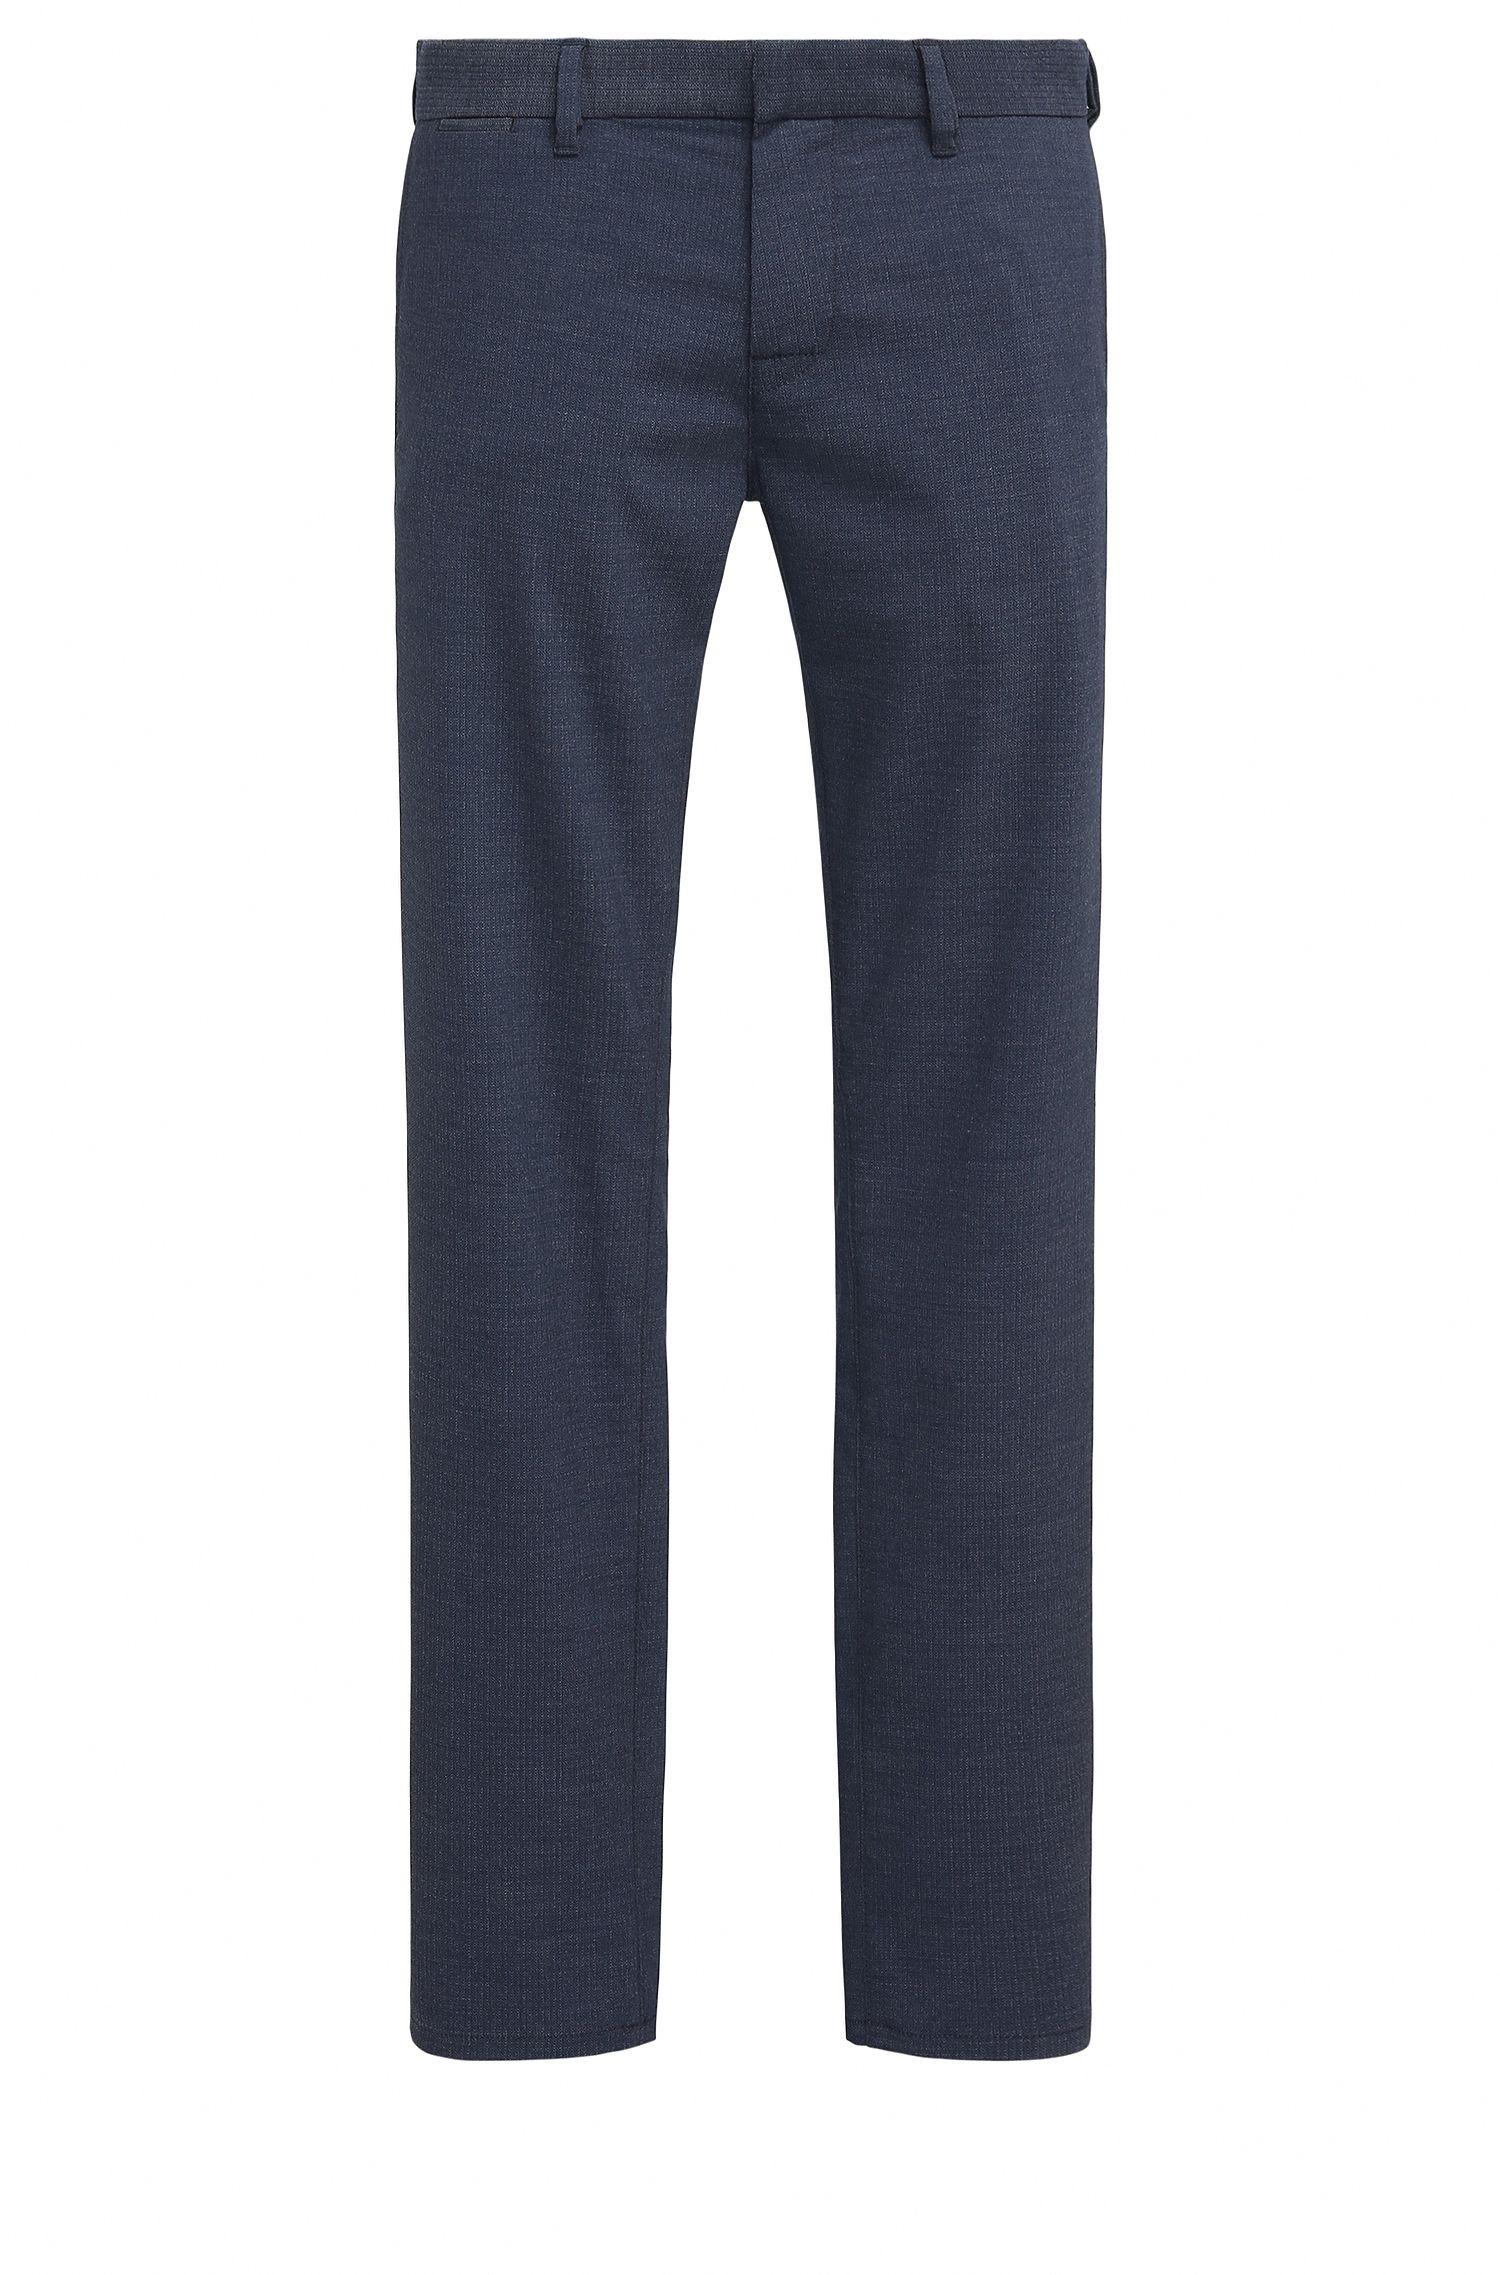 Pantalon Slim Fit en tissu de poids moyen